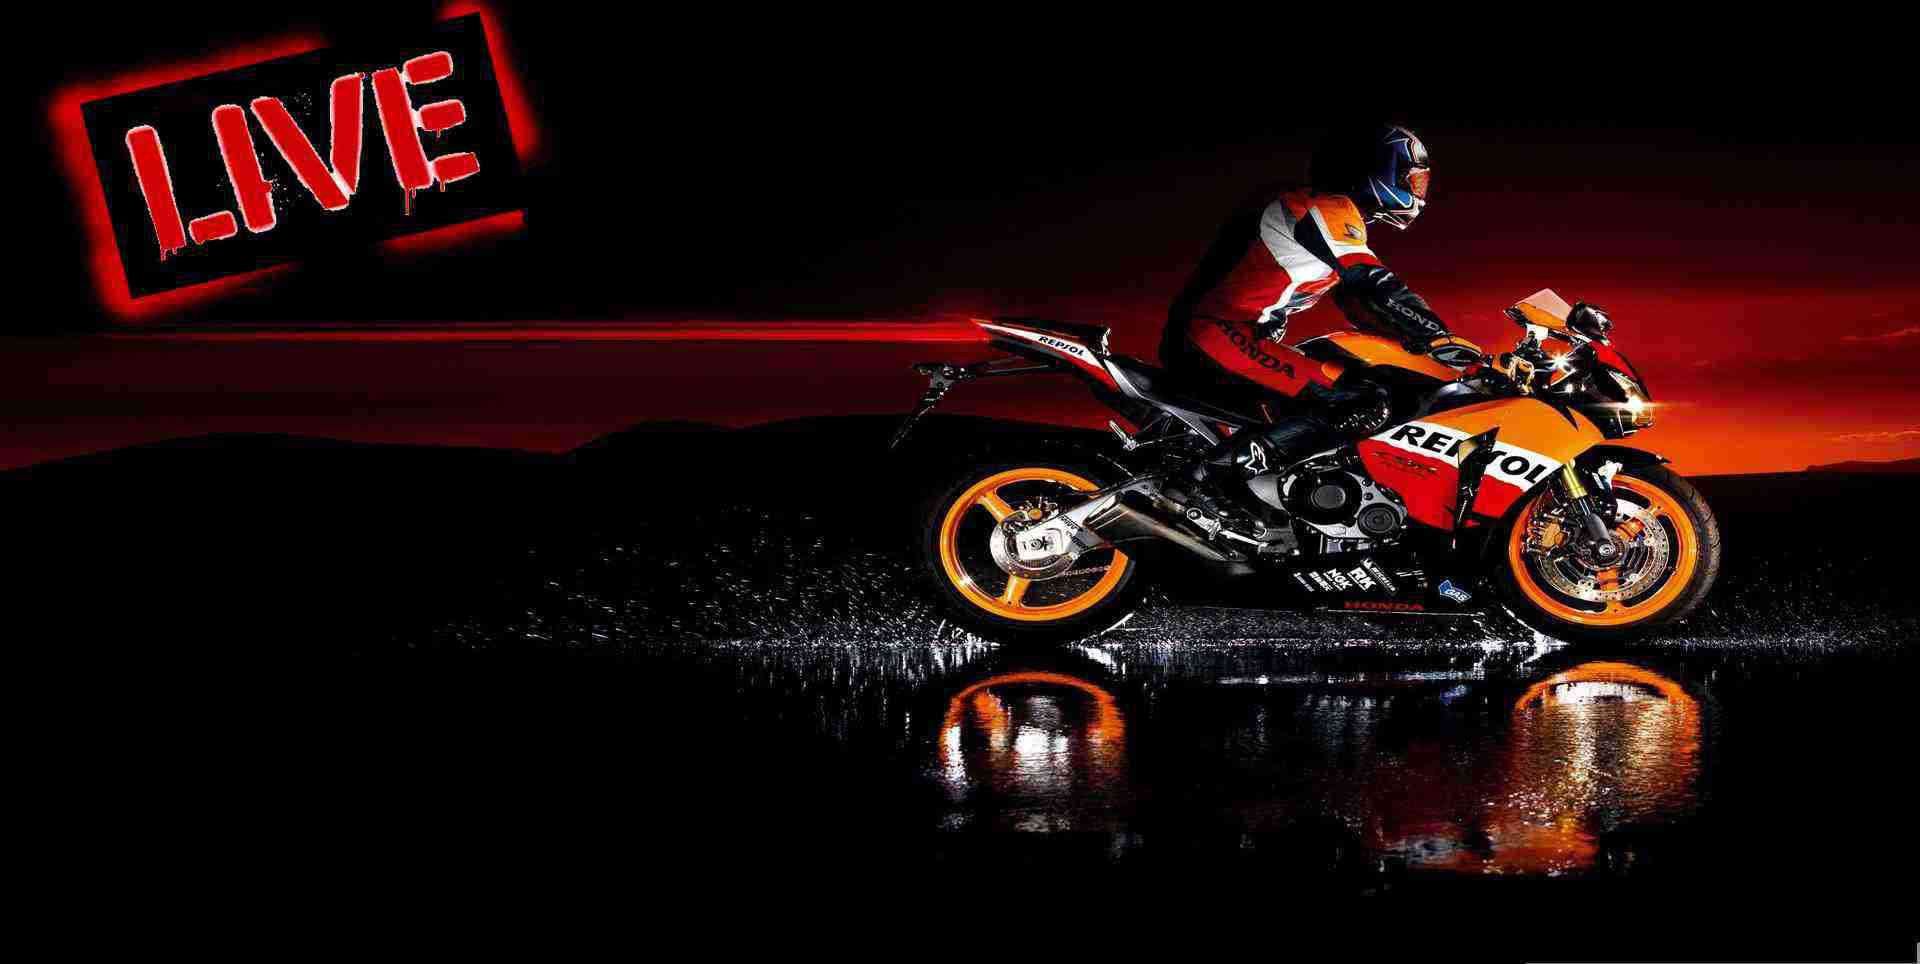 Watch Portimao Round 8 Superbike FIM World Championship 2014 Online